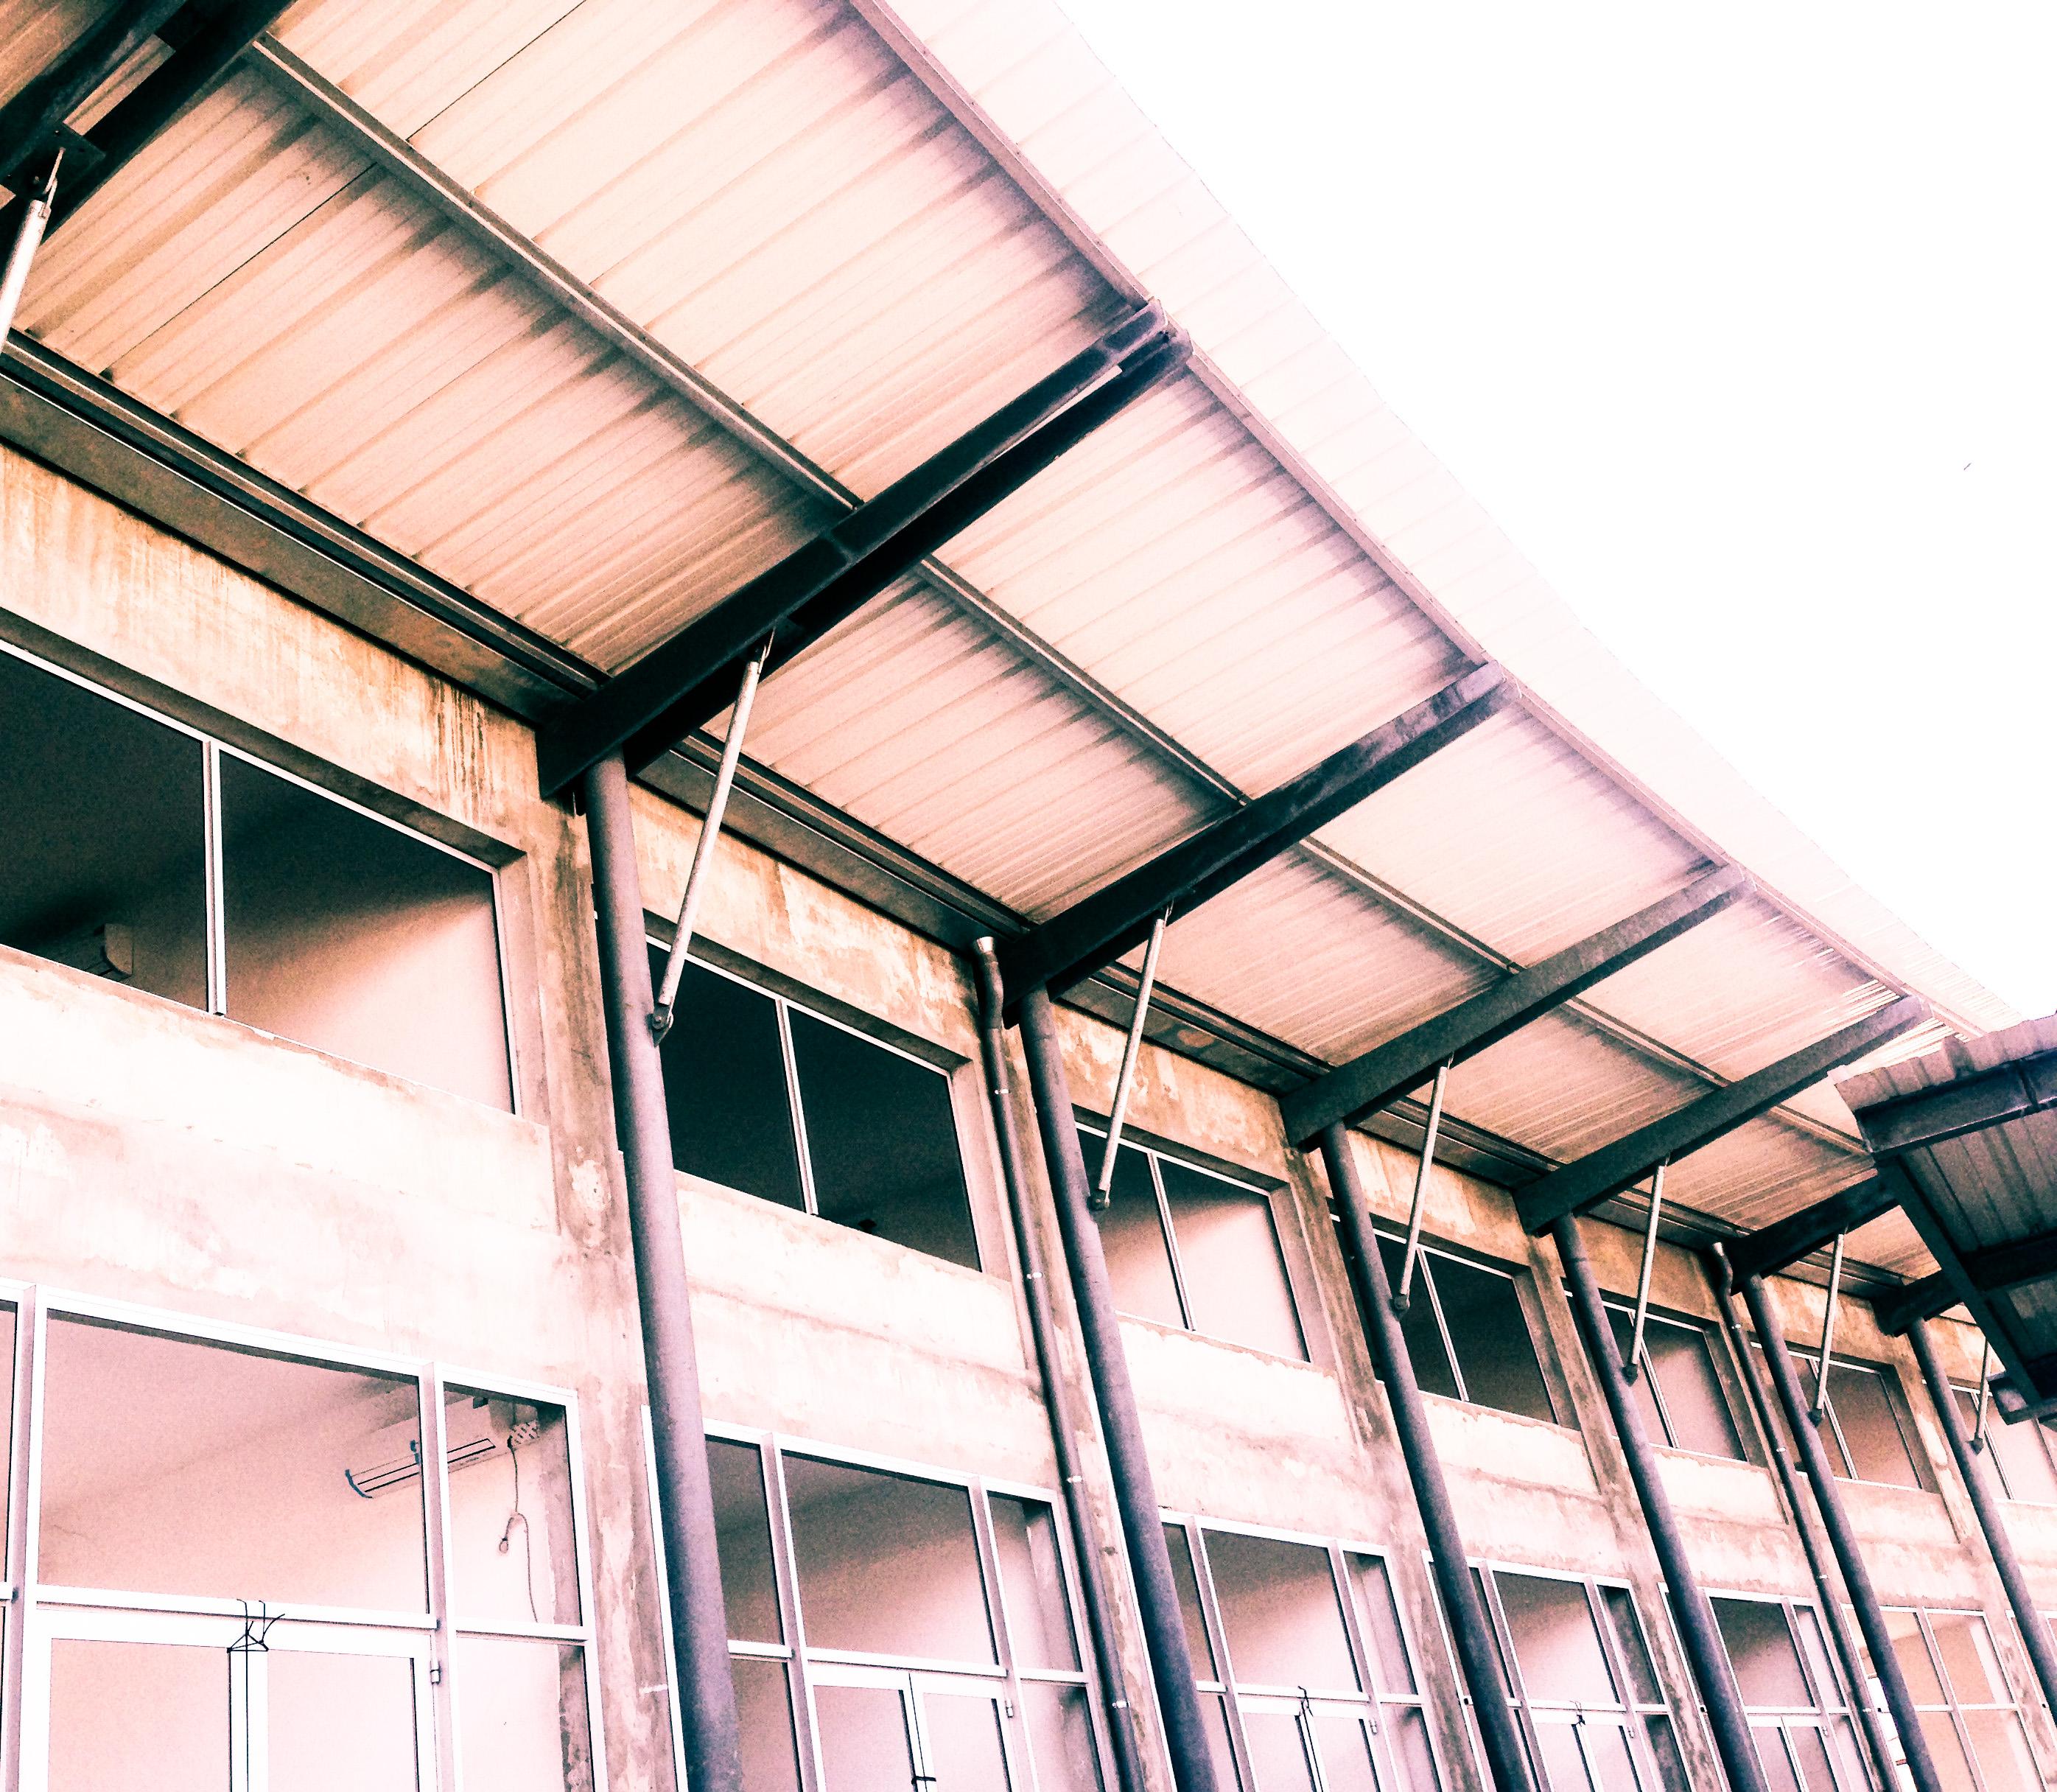 On pose les cadres des baies vitrées